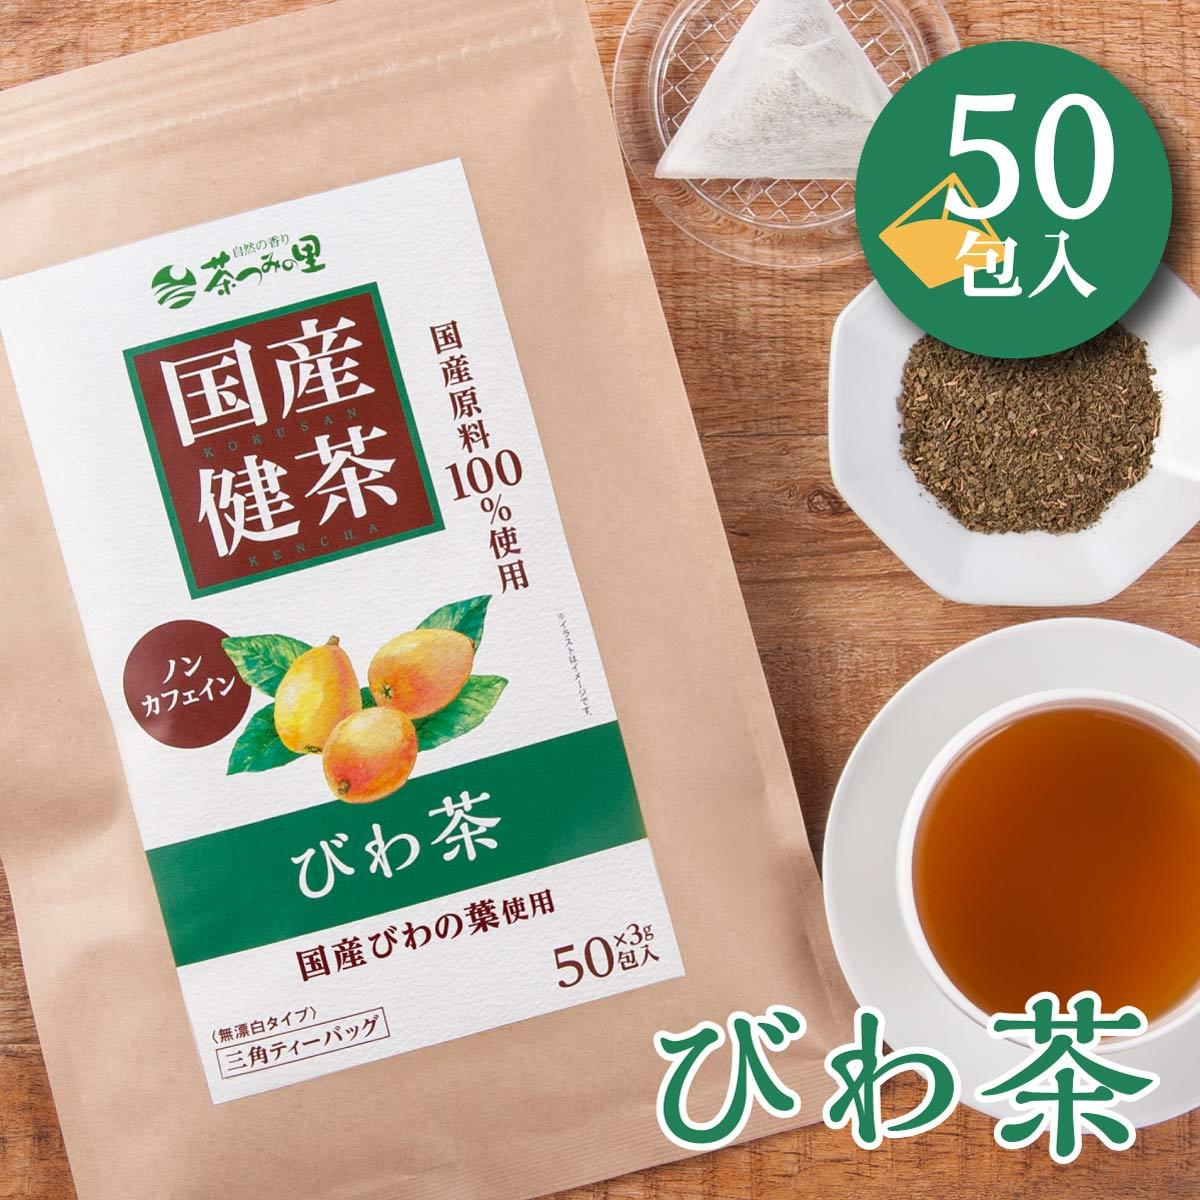 【送料無料】国産 びわ茶 ティーバッグ (3g×50包入)